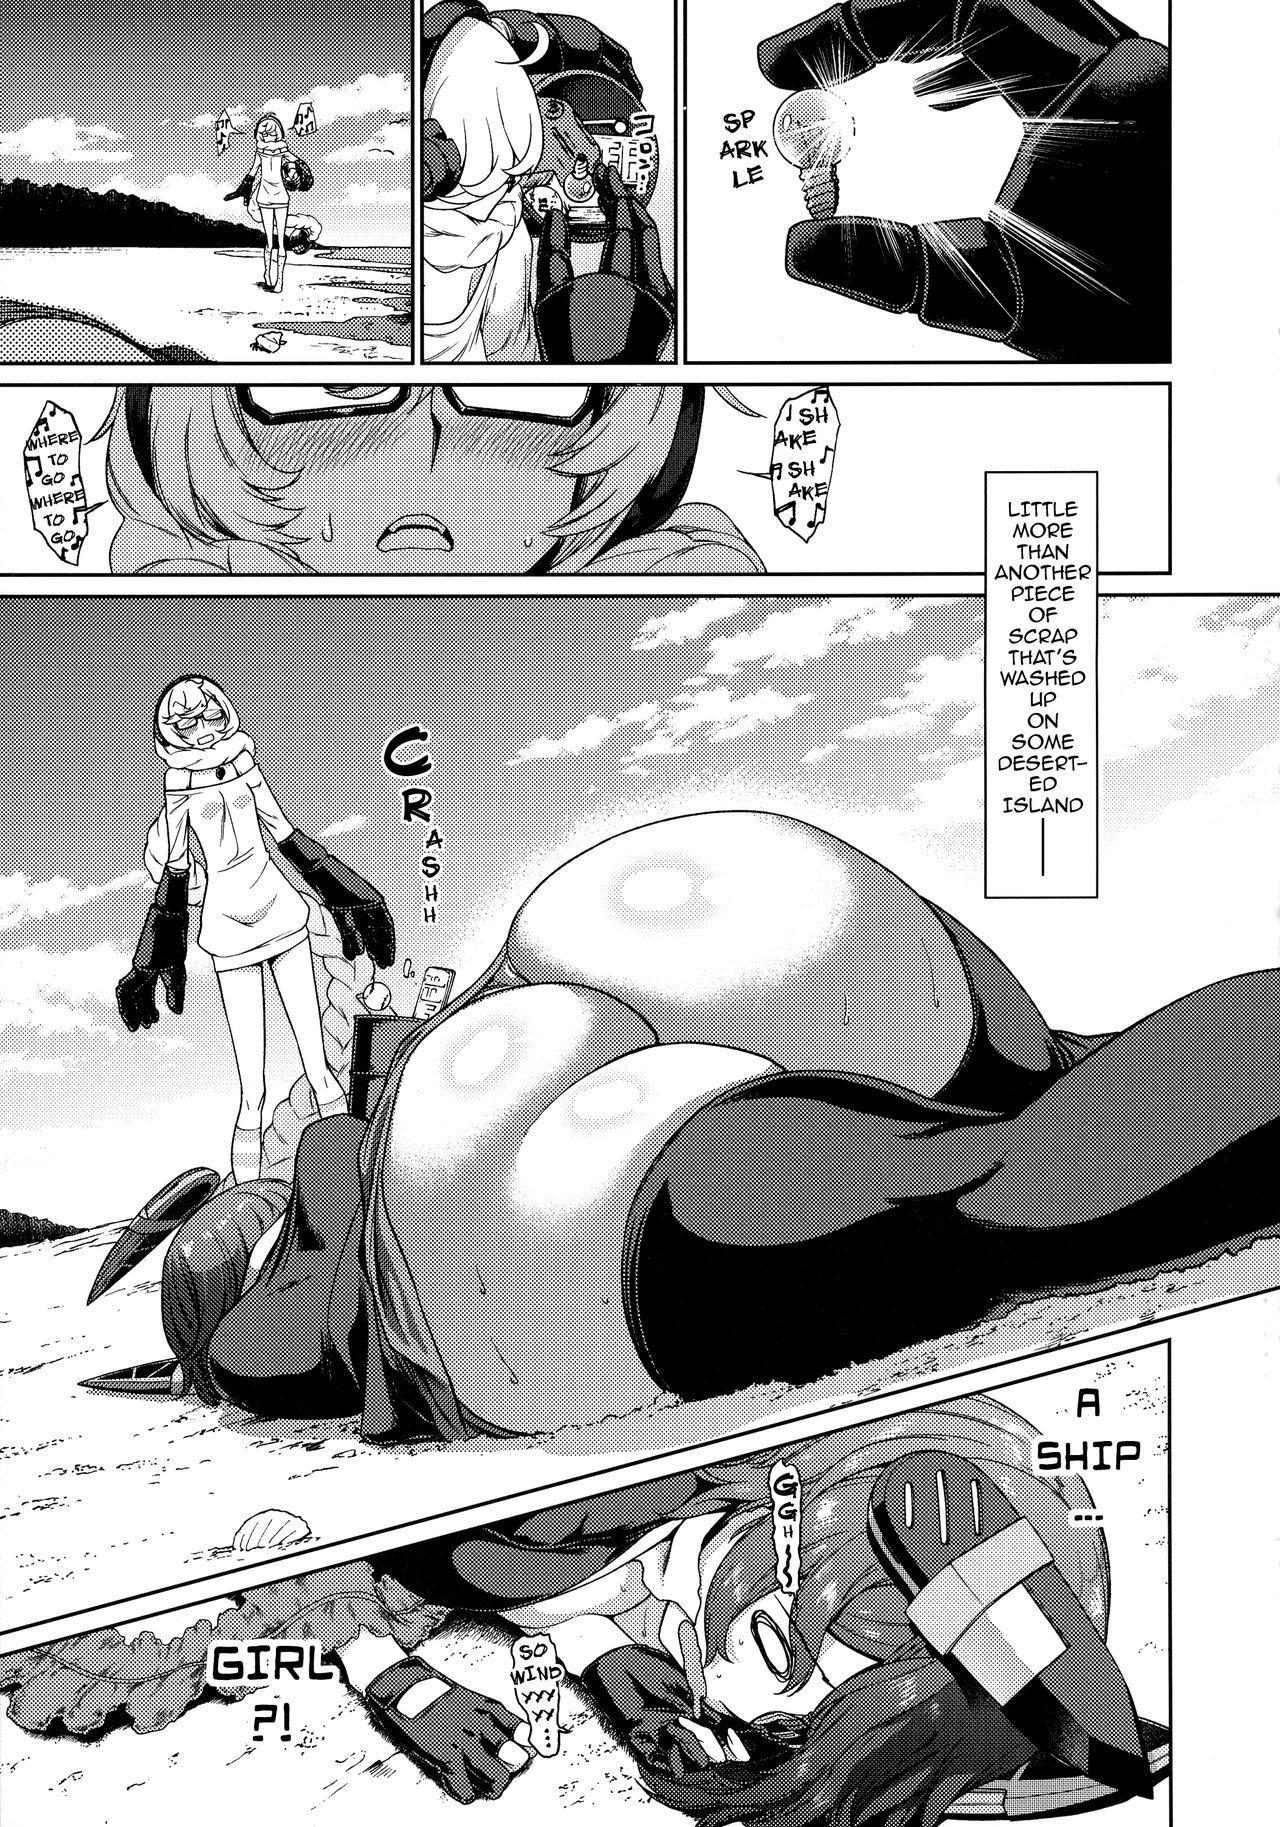 (C92) [dam labo (dam)] Tenryuu (Ore) wa Shuusekichi (Omae) no Nan nano sa!!   I Told You Supply Depot, This Tenryuu Belongs to You!! (Kantai Collection -KanColle-) [English] {darknight} 3